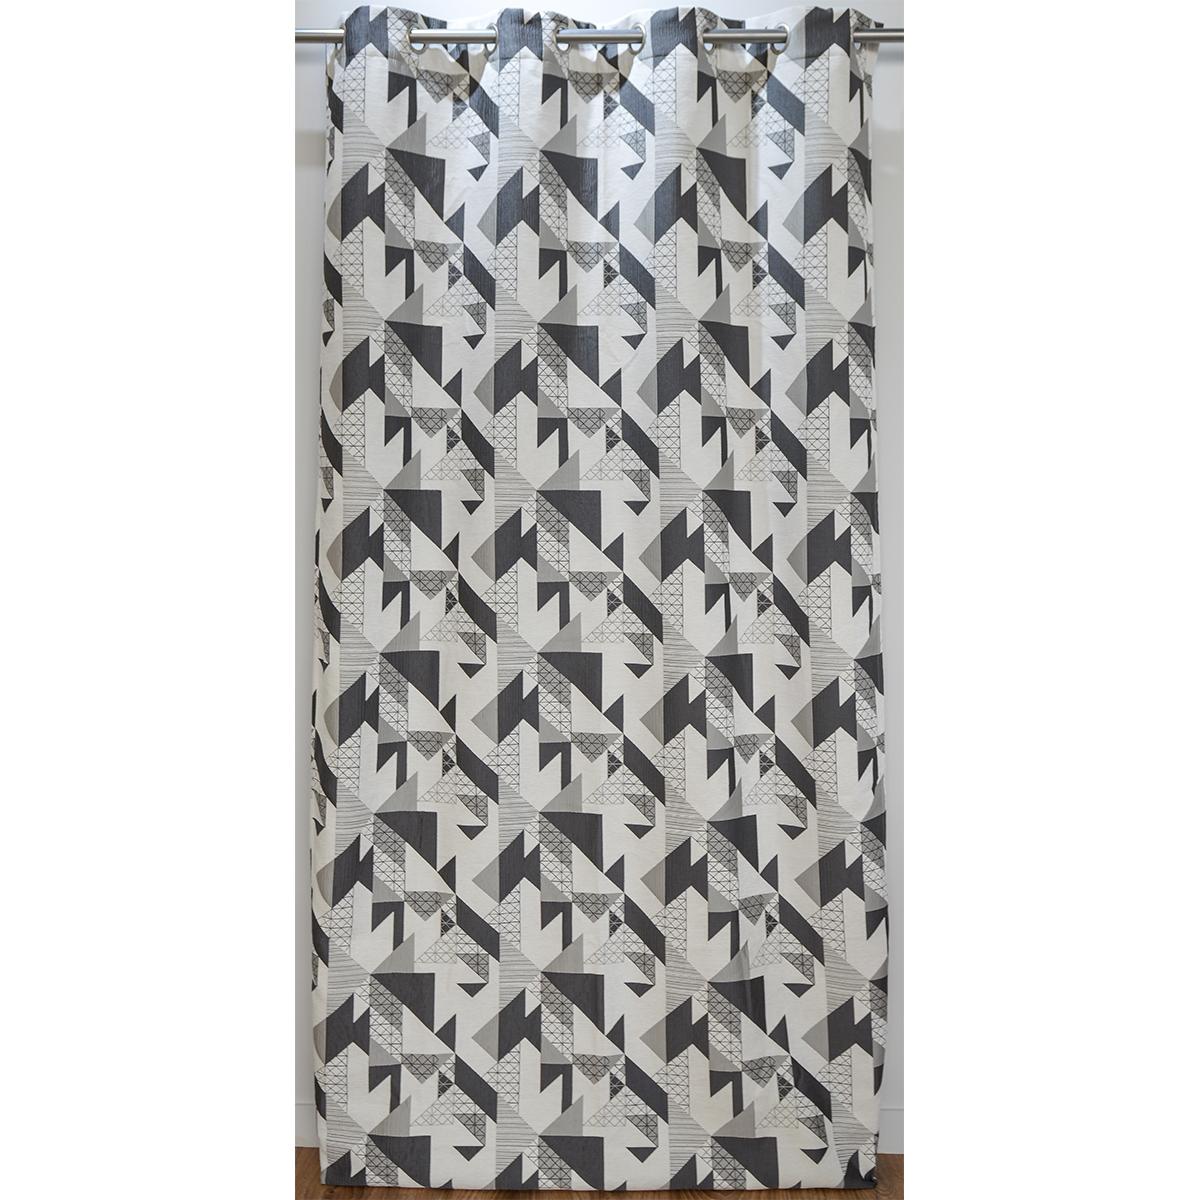 Rideau ameublement jacquard motif géométrique 140x260 cm (Gris)